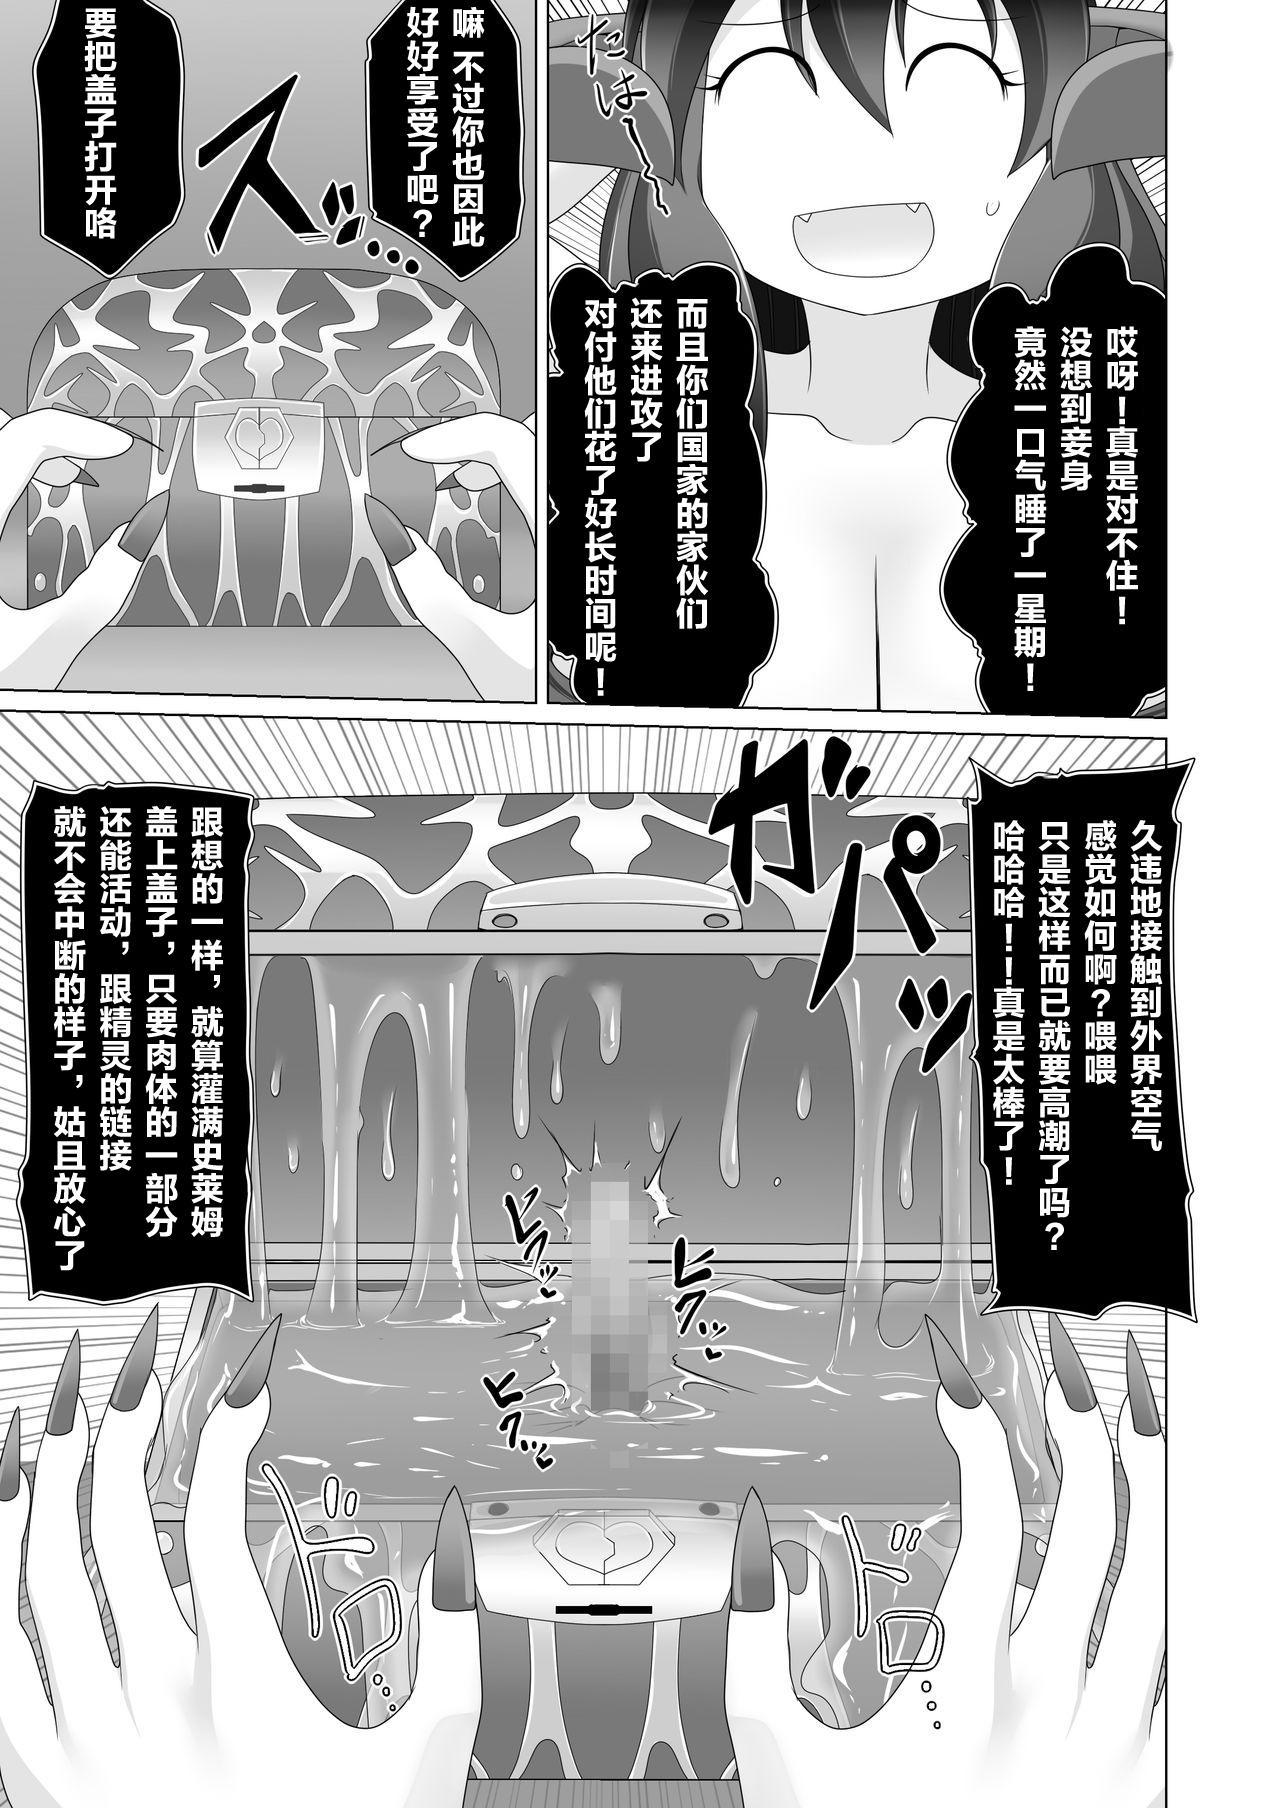 Seirei no Kago no Chikara de nan do mo Fukkatsu shite kita Yūsha wa Maō ni yotte KuriBOX ni sarete shimaimashita 19